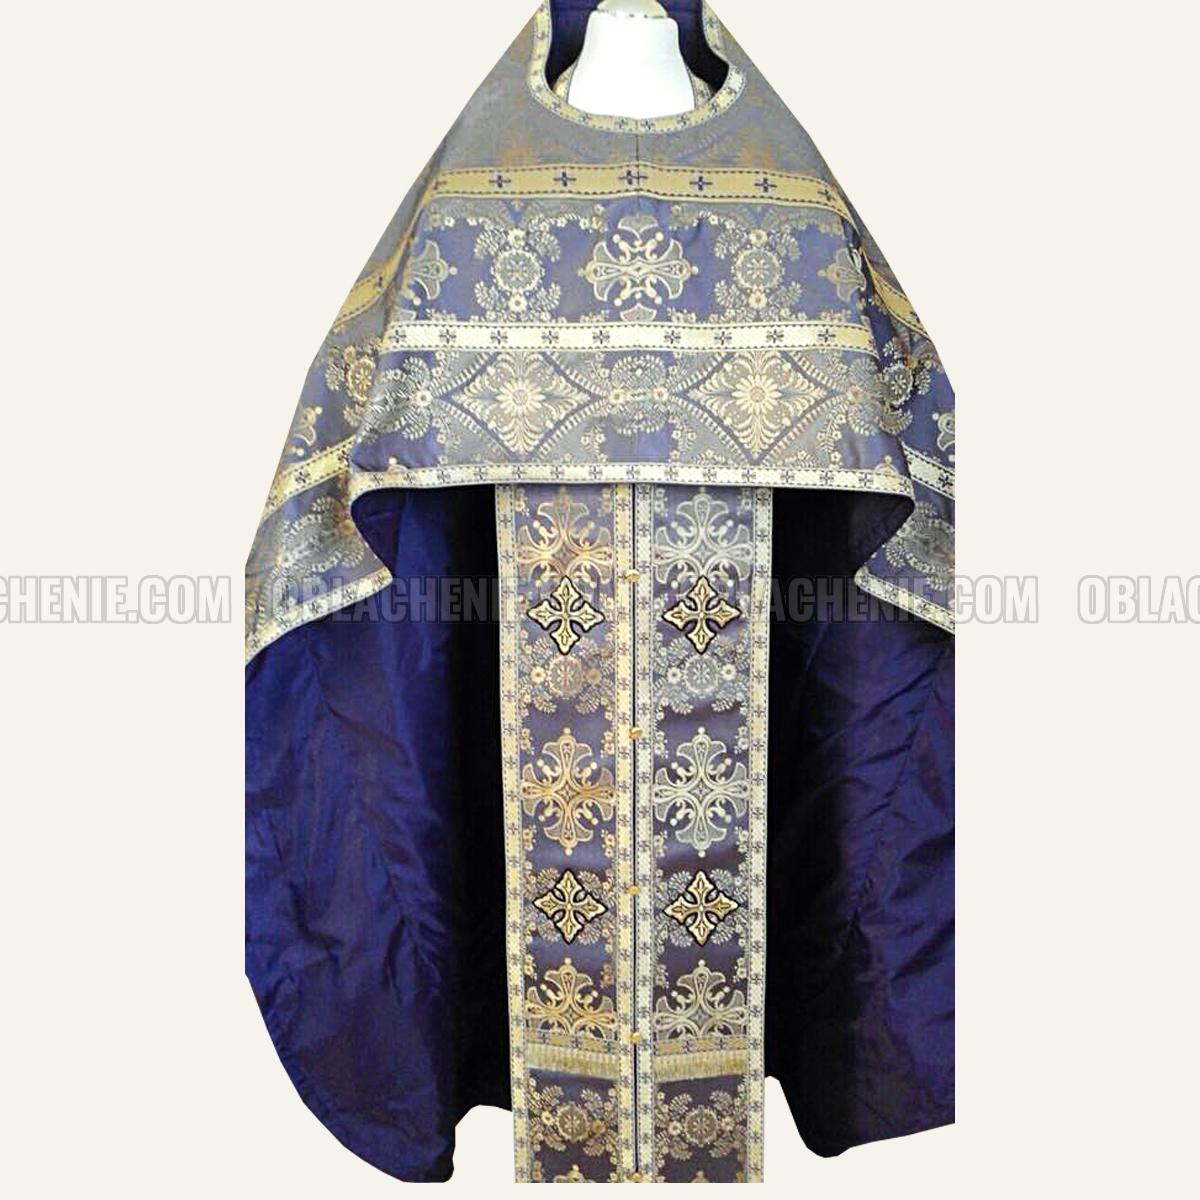 Priest's vestments 10121